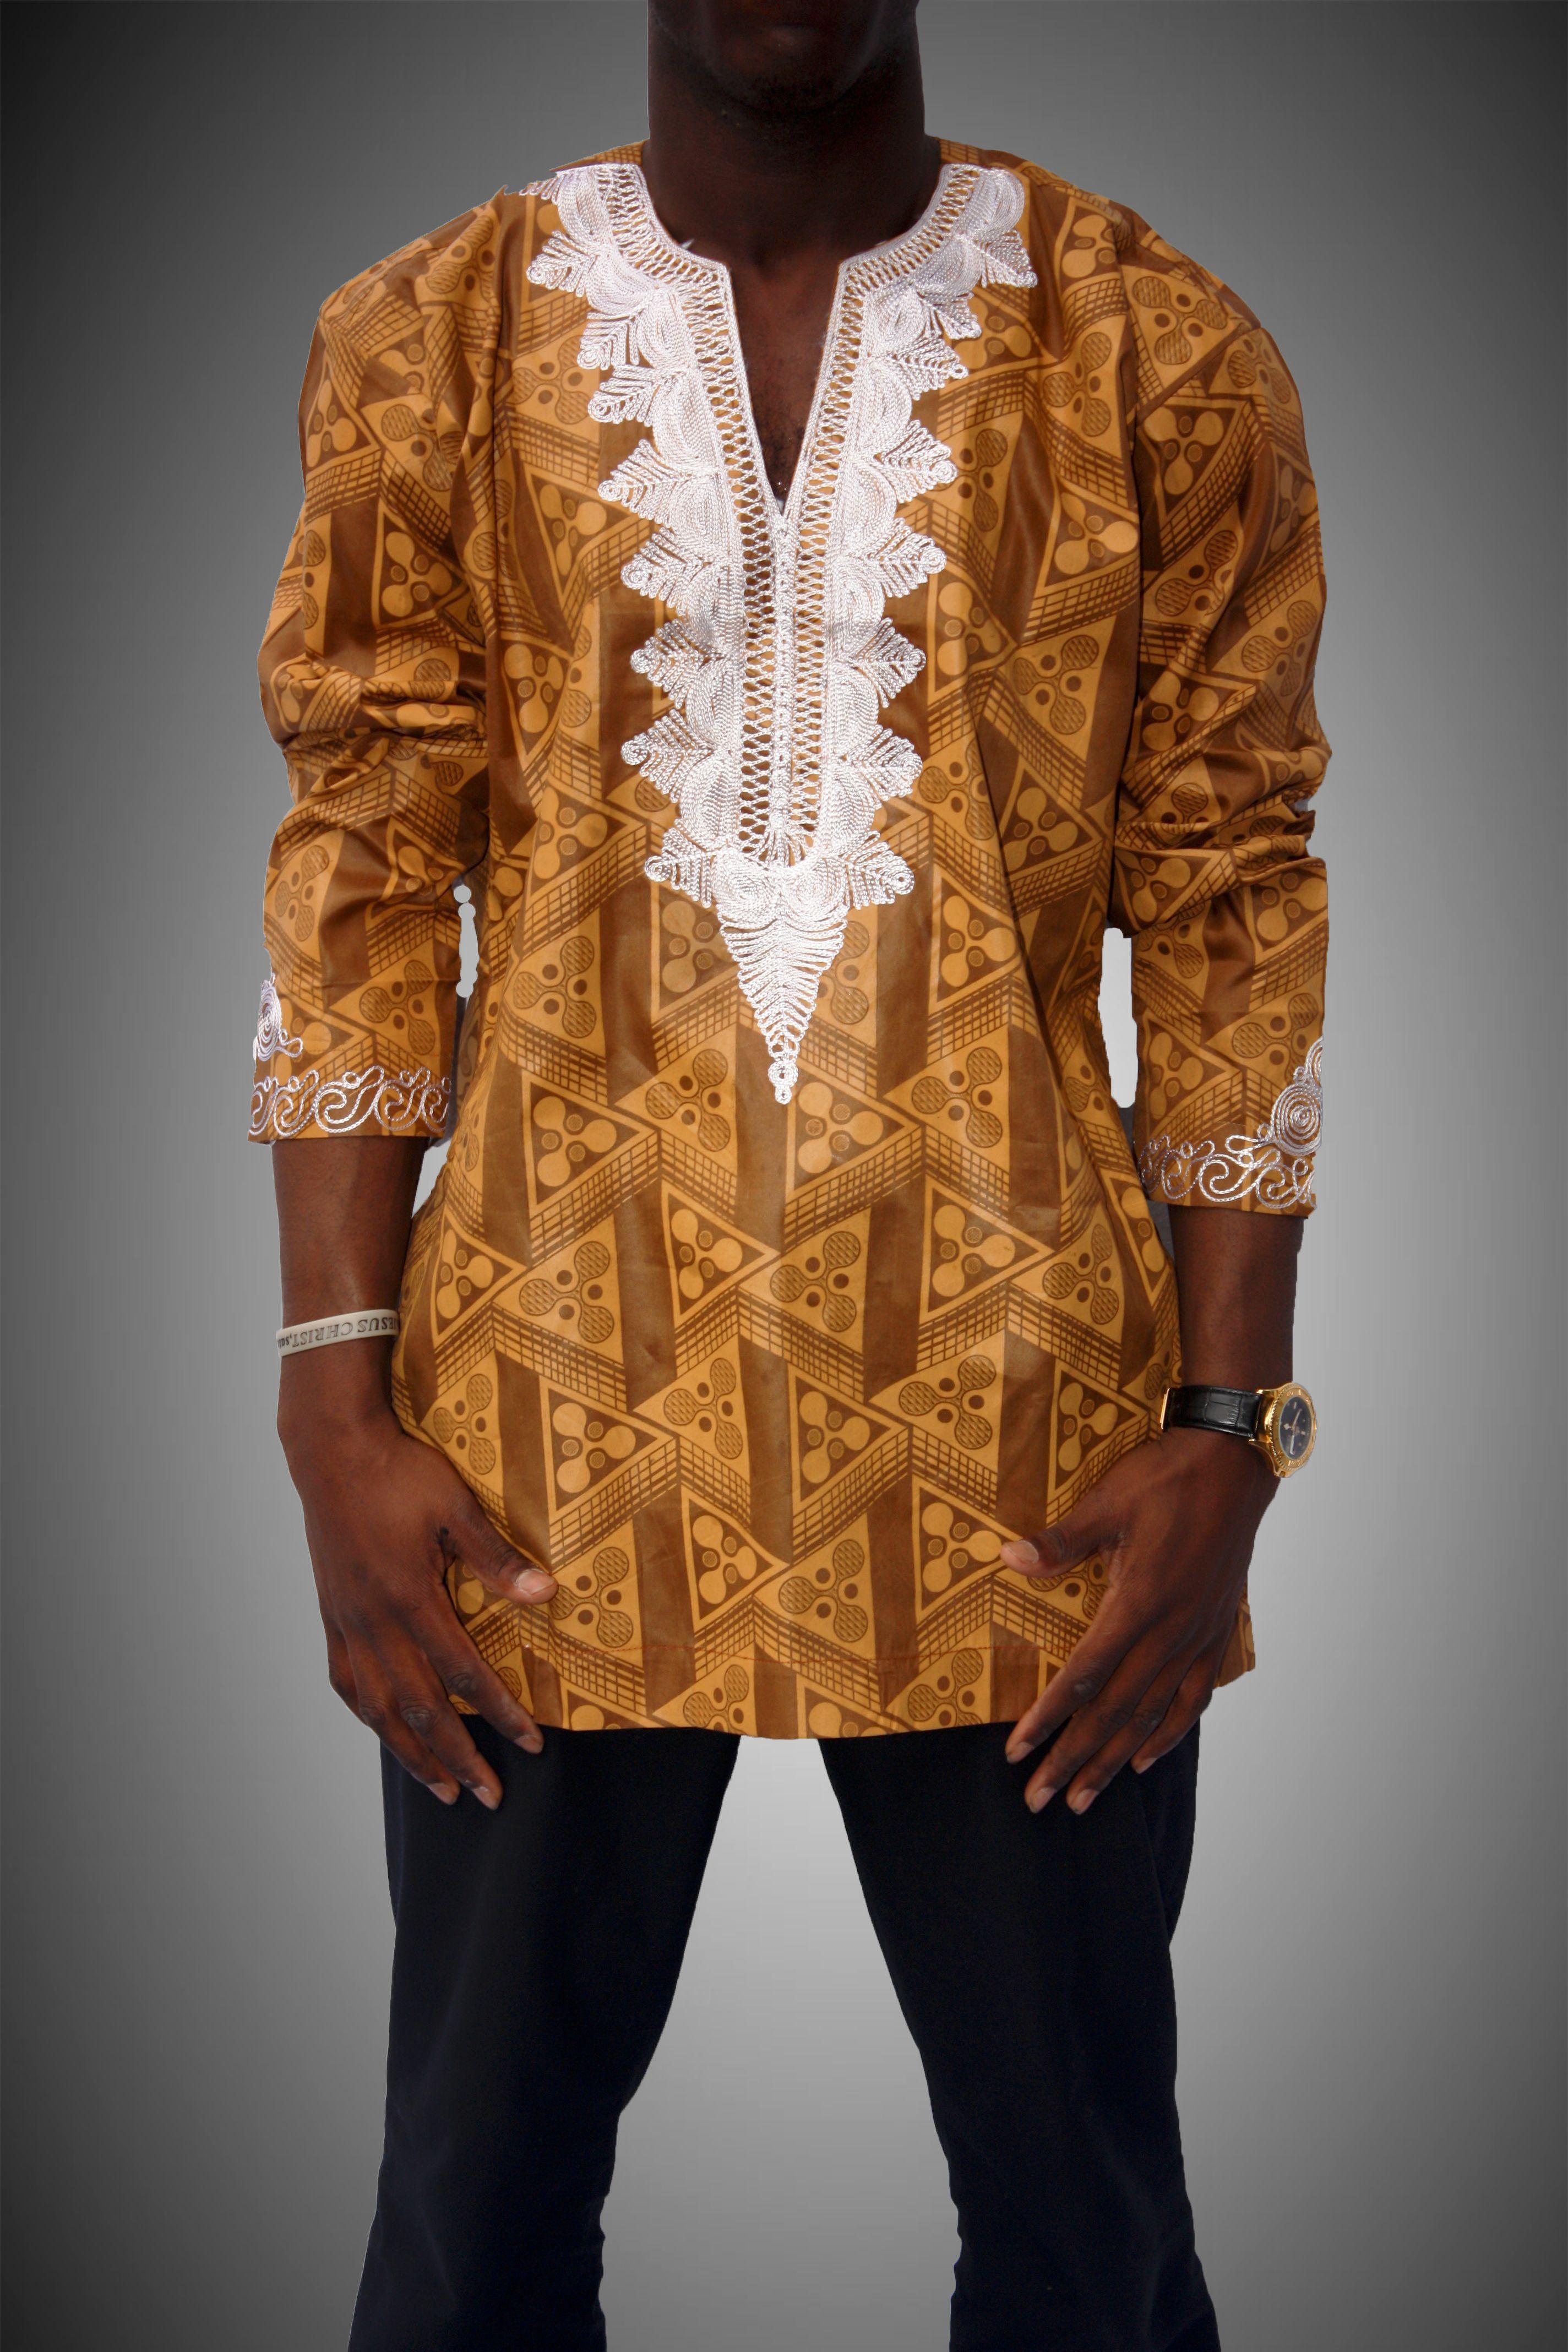 Shirt design of man - African Men Shirt Ms14013 Chimzi Fashion House